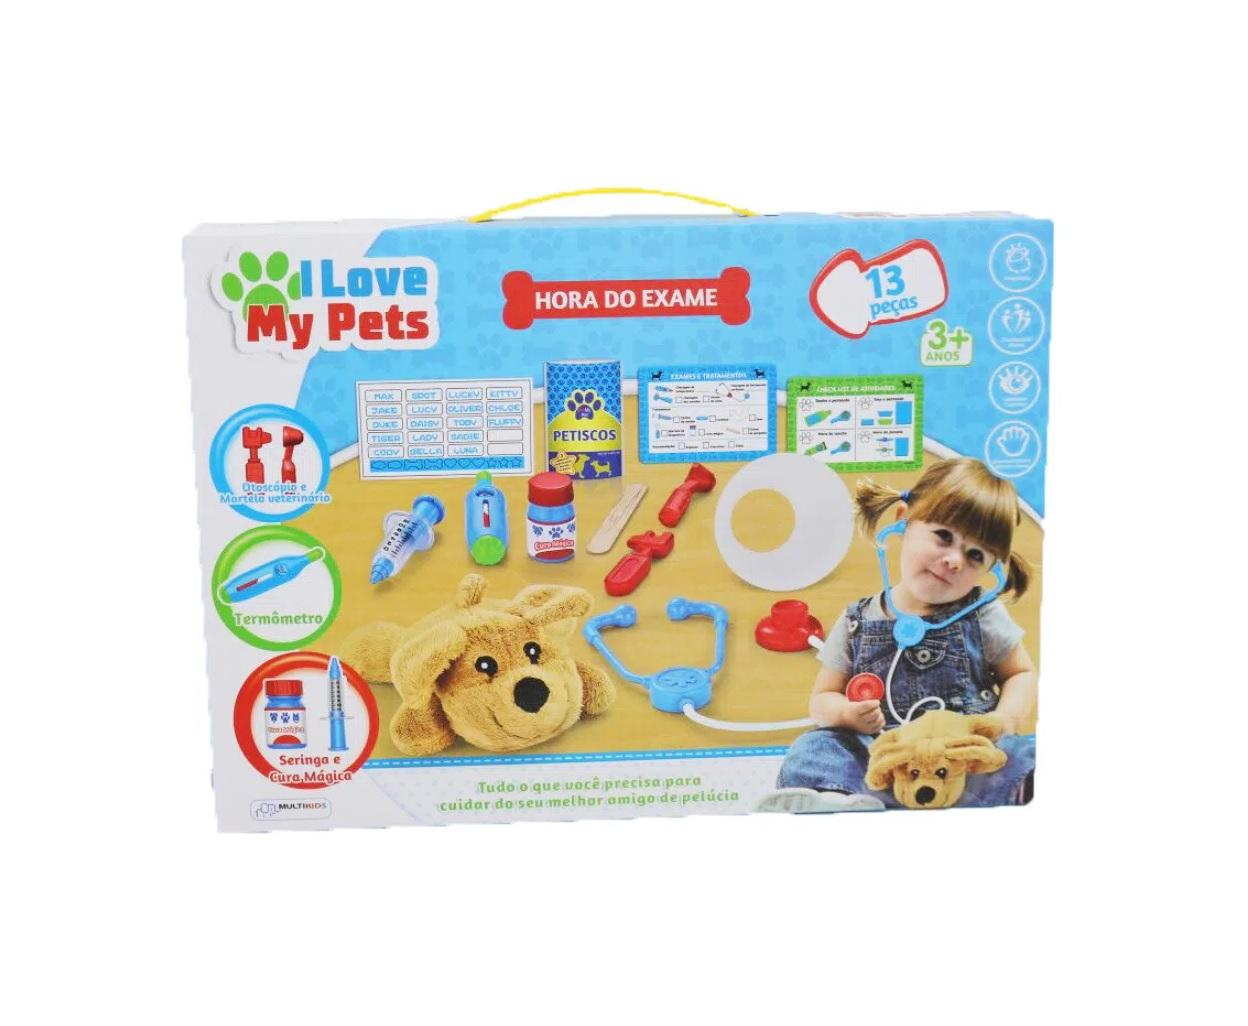 Brincando de veterinário Hora do Exame I Love My Pets 13pçs Multikids BR1216  - Mix Eletro